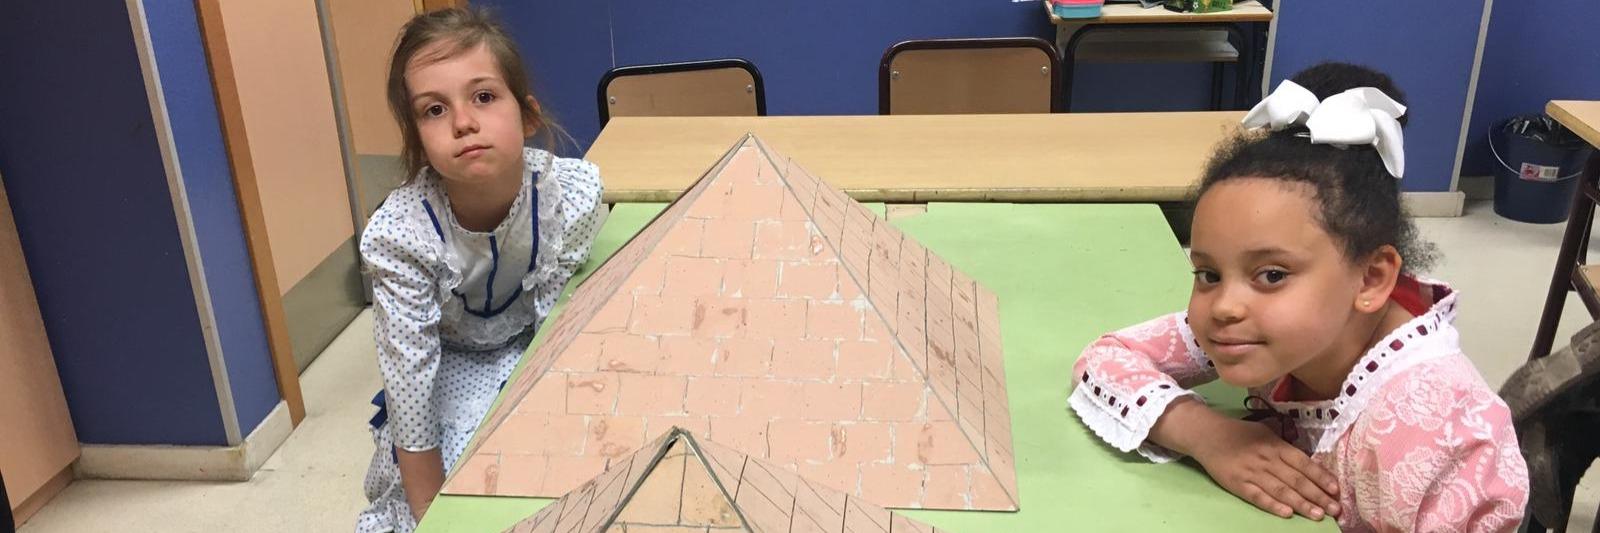 """Taller: """"Las Pirámides: tumbas de dioses y faraones"""" para los alumnos de 1º de Educación Primaria"""